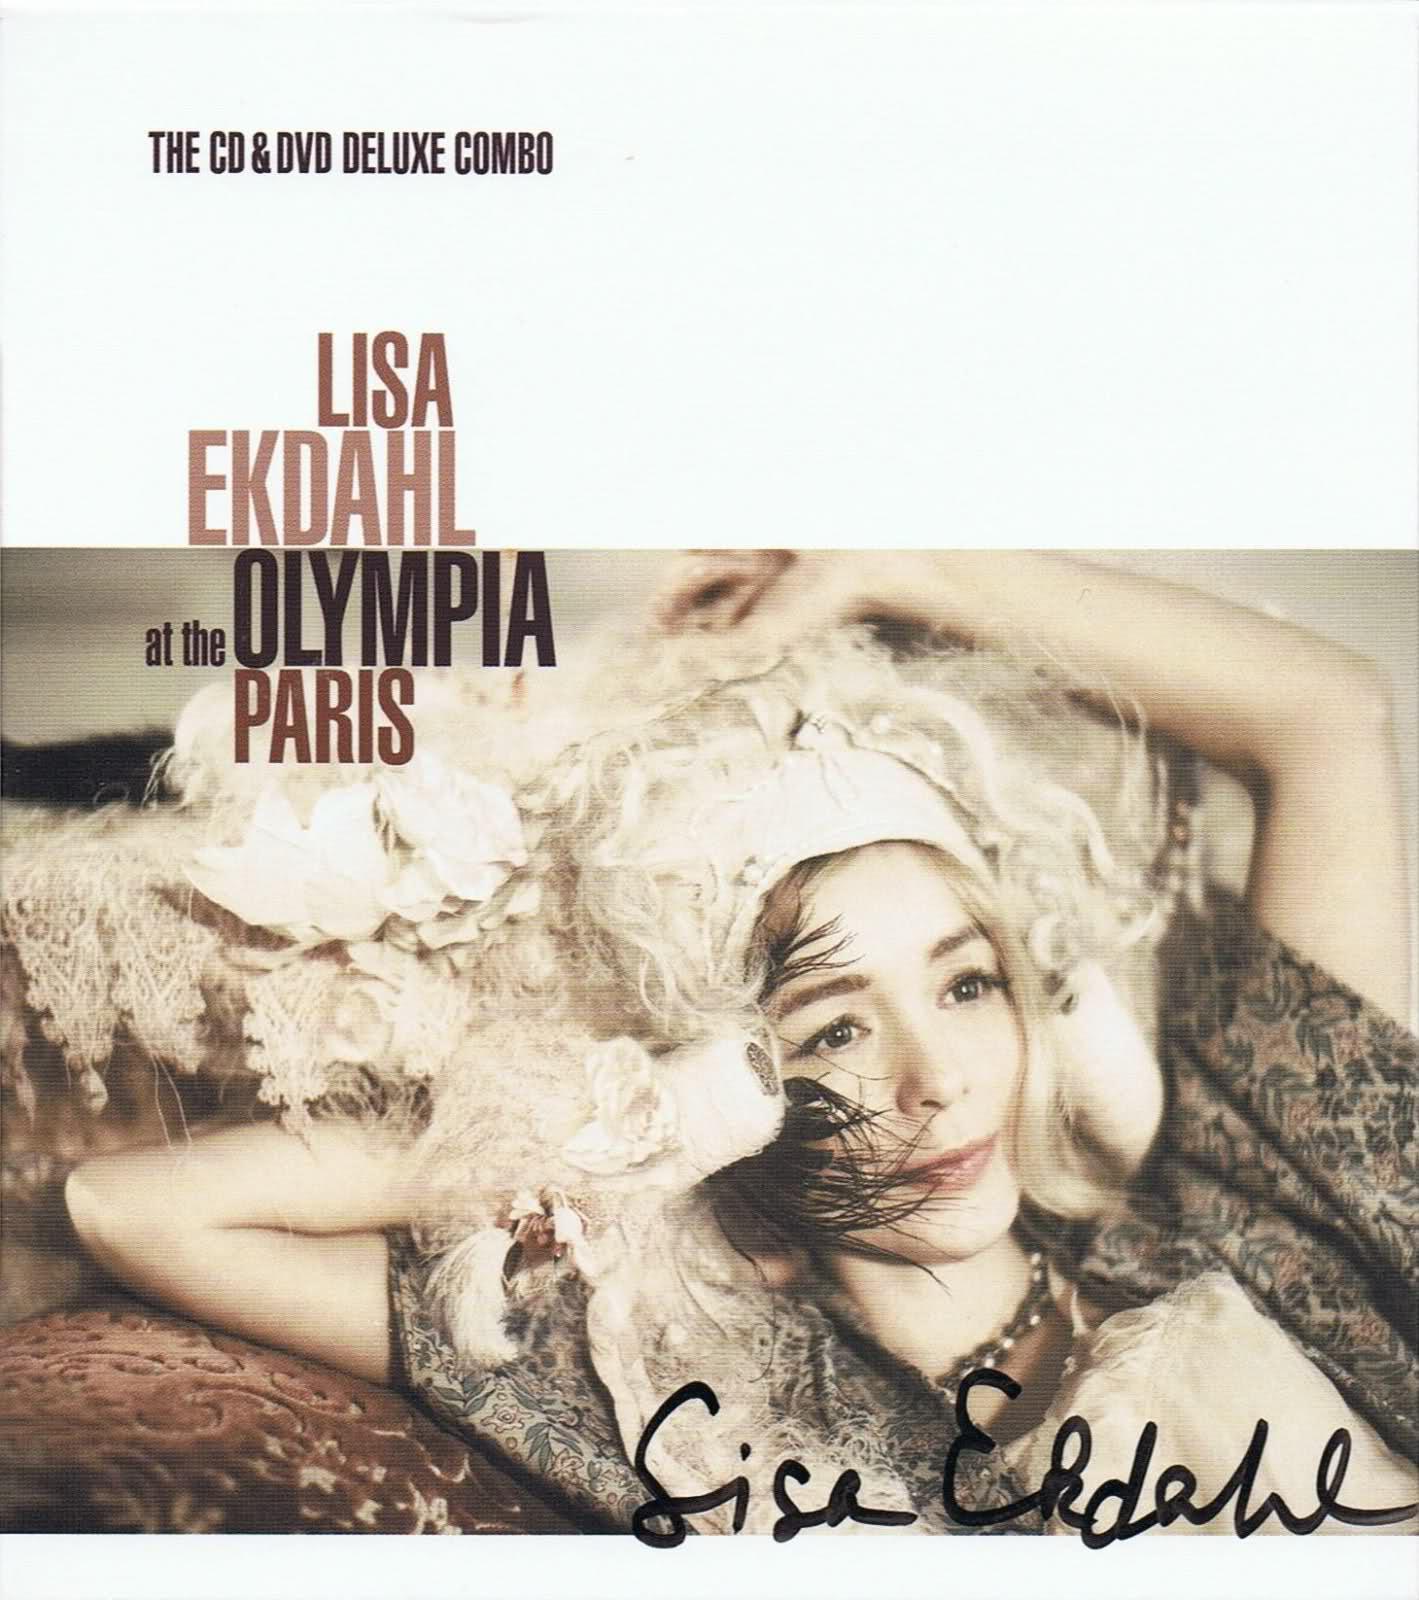 LISA EKDAHL - Lisa Ekdahl At The Olympia, Paris cover